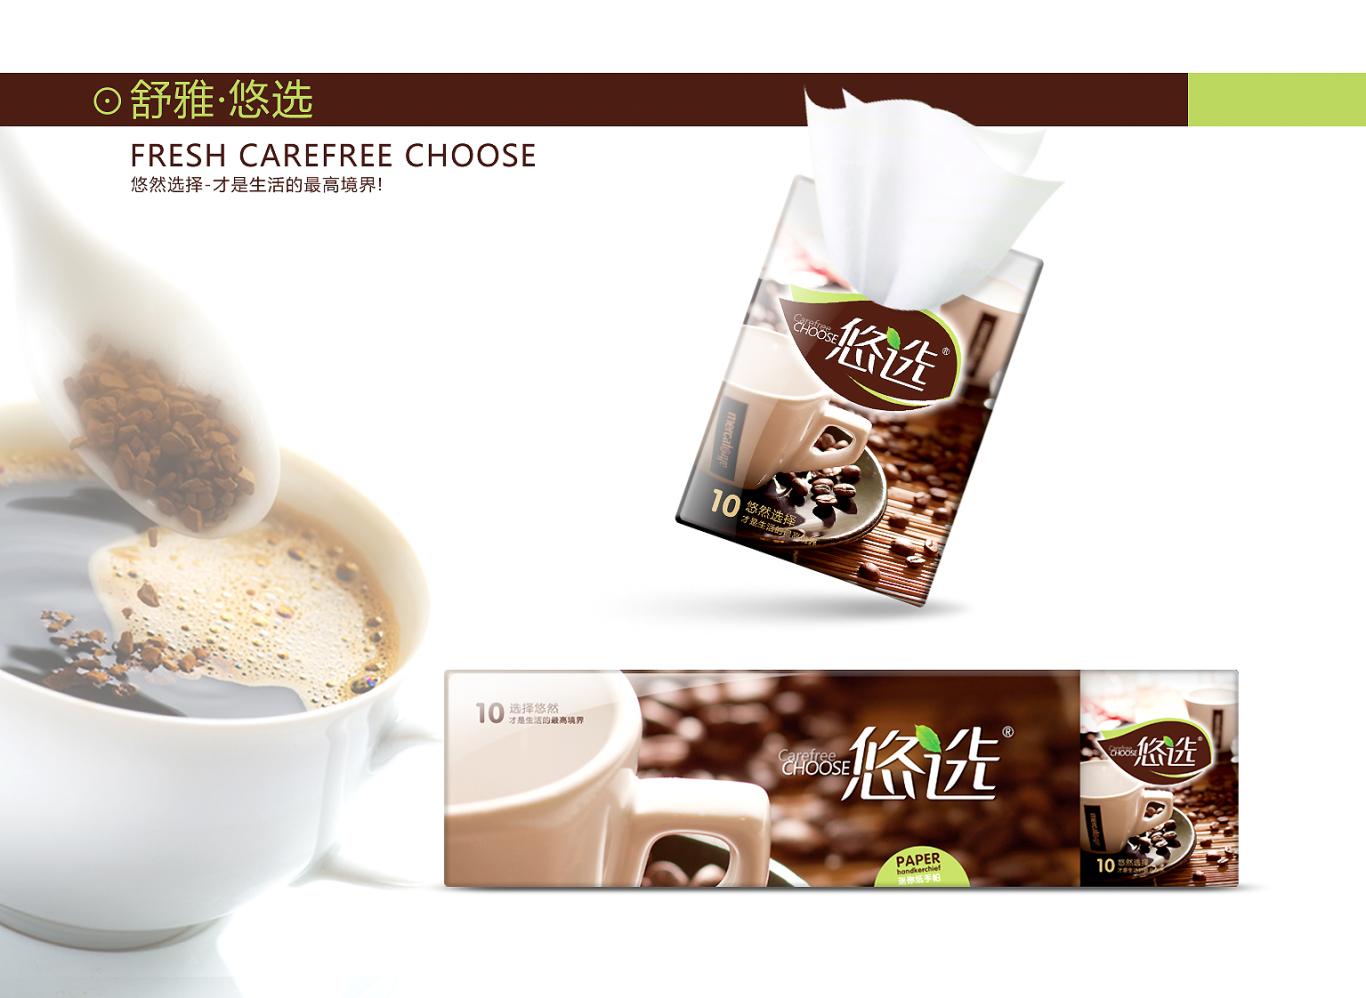 悠选品牌包装设计图2